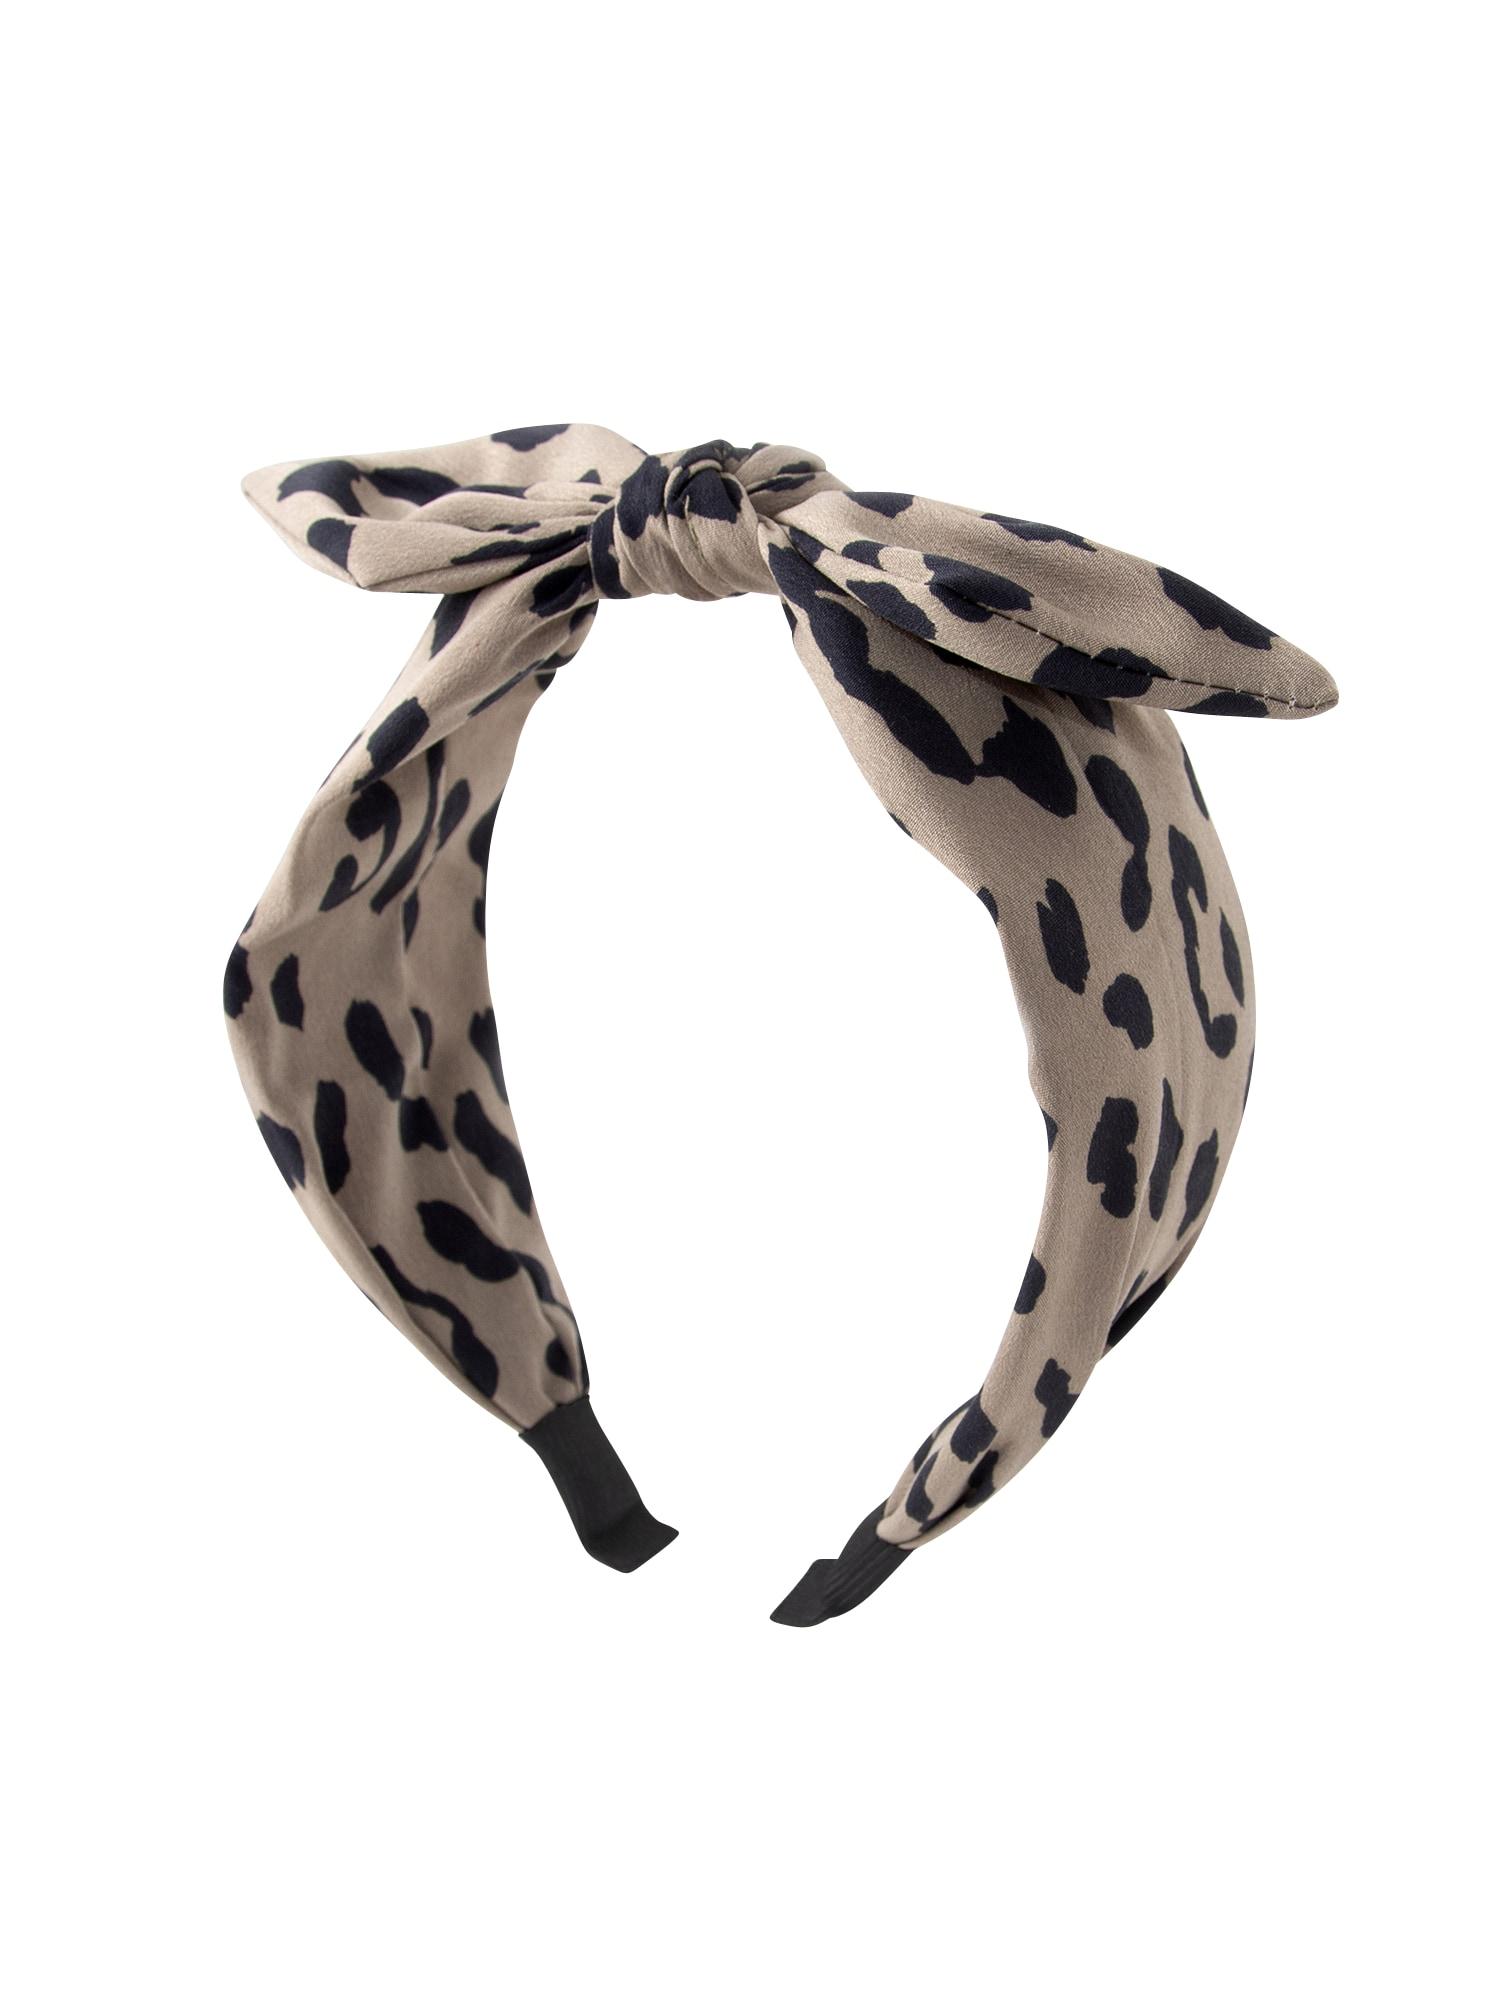 Šperky do vlasů tan animal headband  béžová  černá Orelia